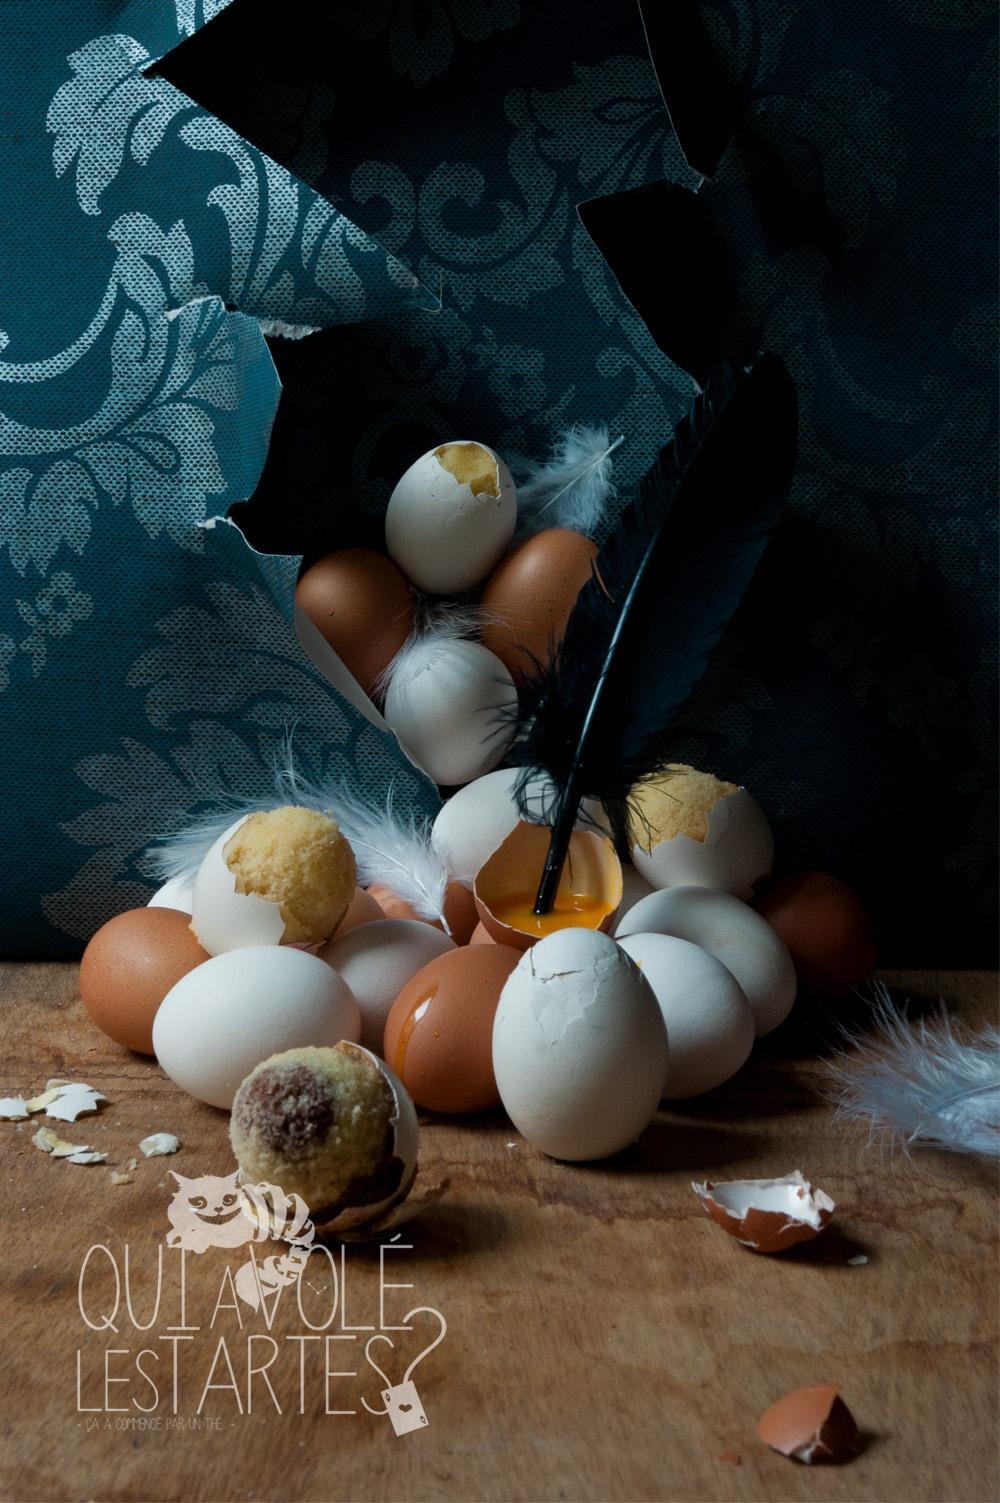 Oeufs cachés 3 - Studio de création - Qui a volé les tartes